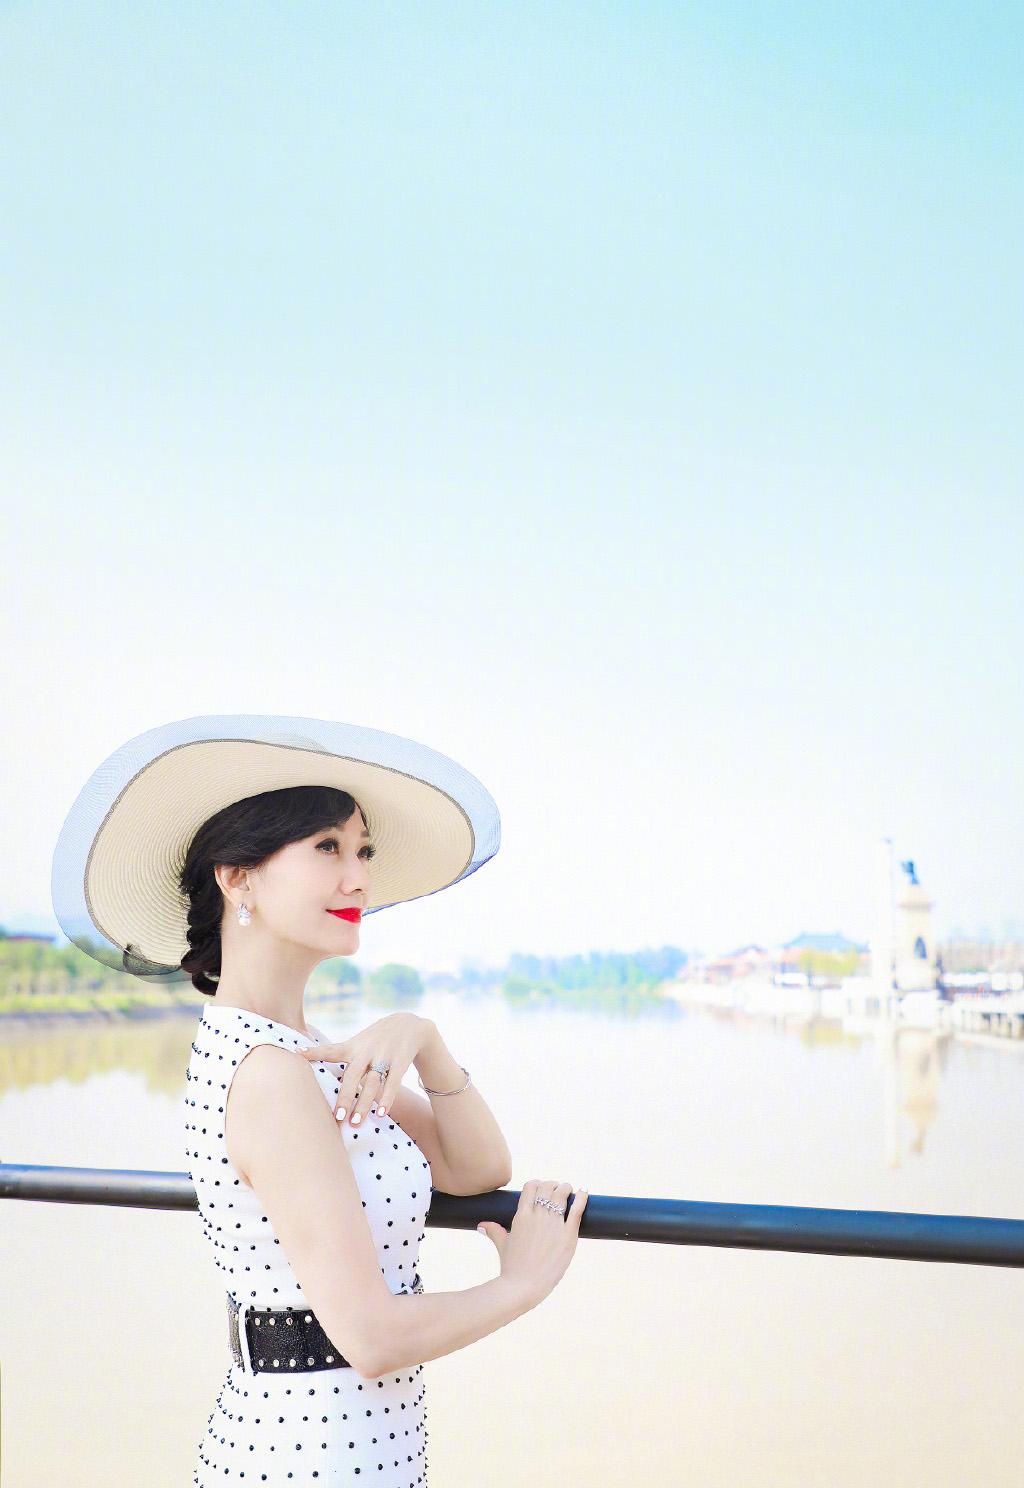 女演员赵雅芝优雅气质旅拍写真